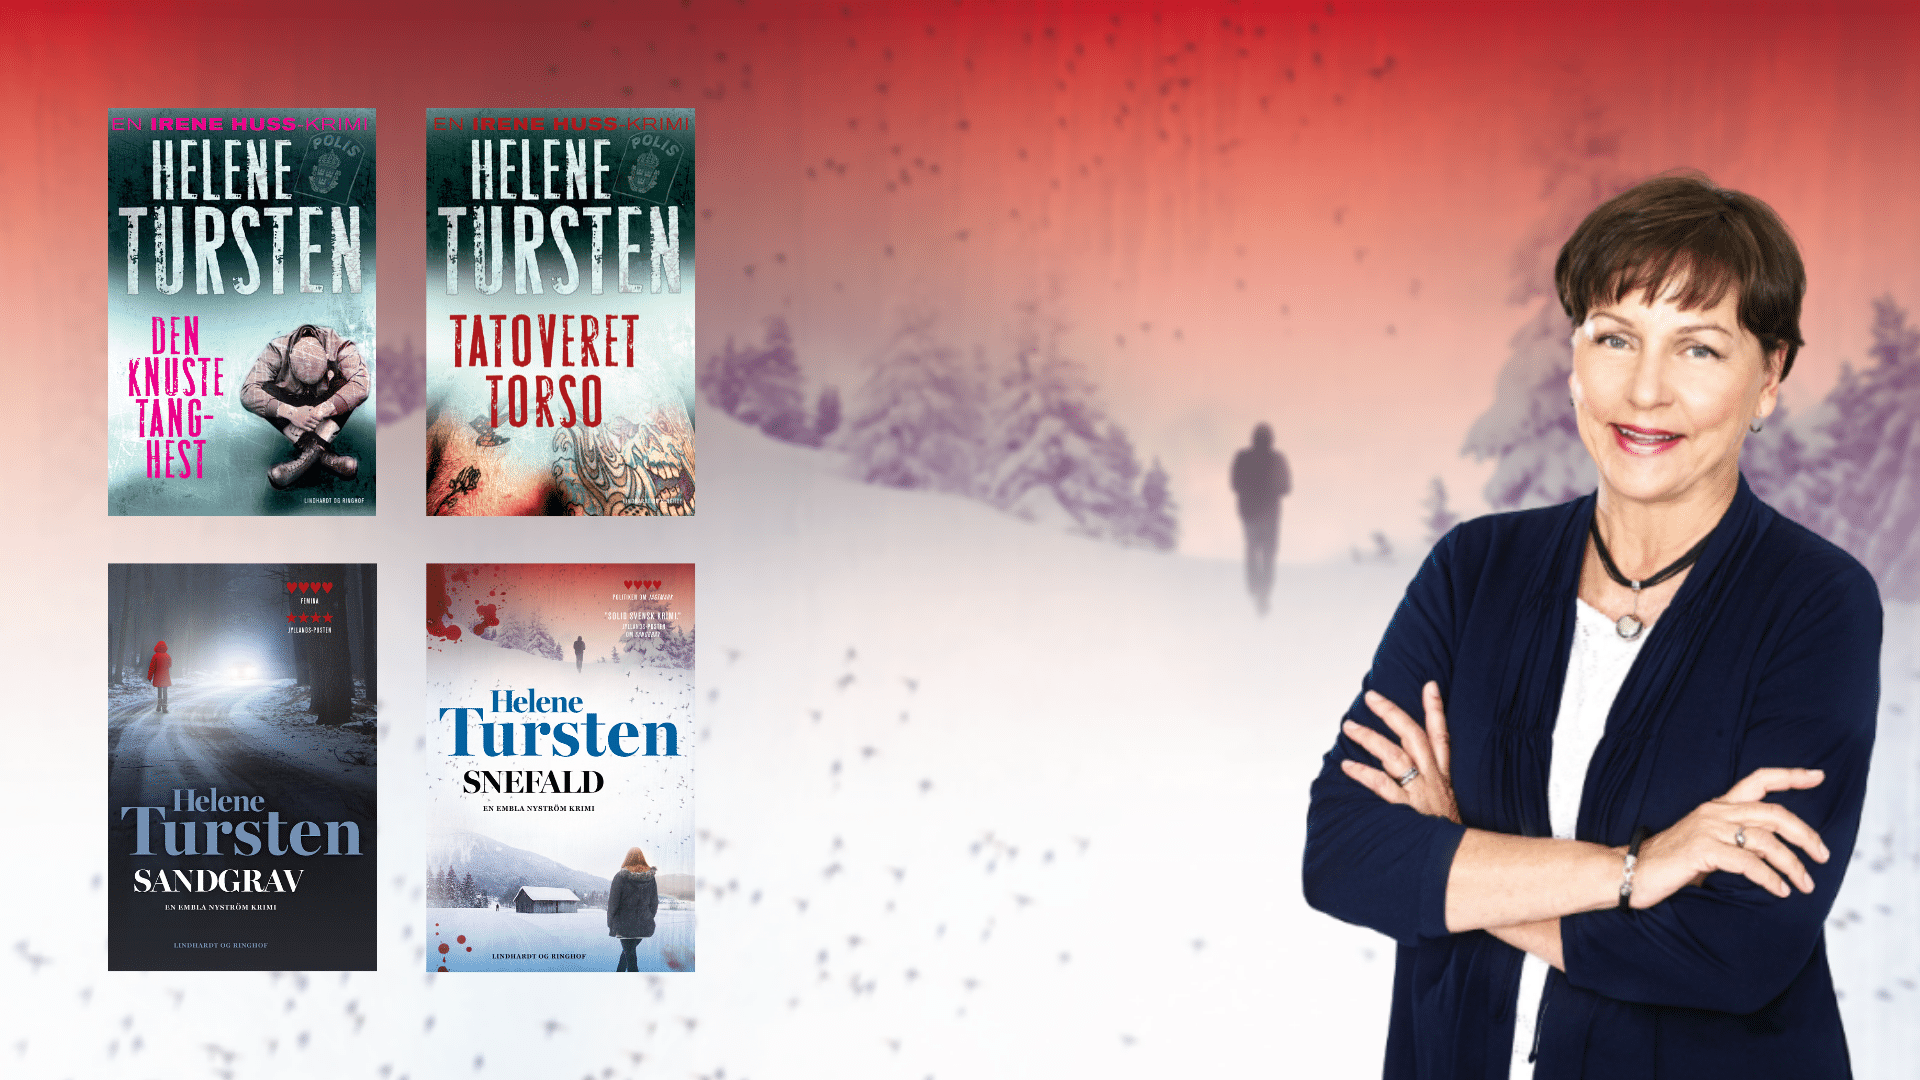 Helene Tursten